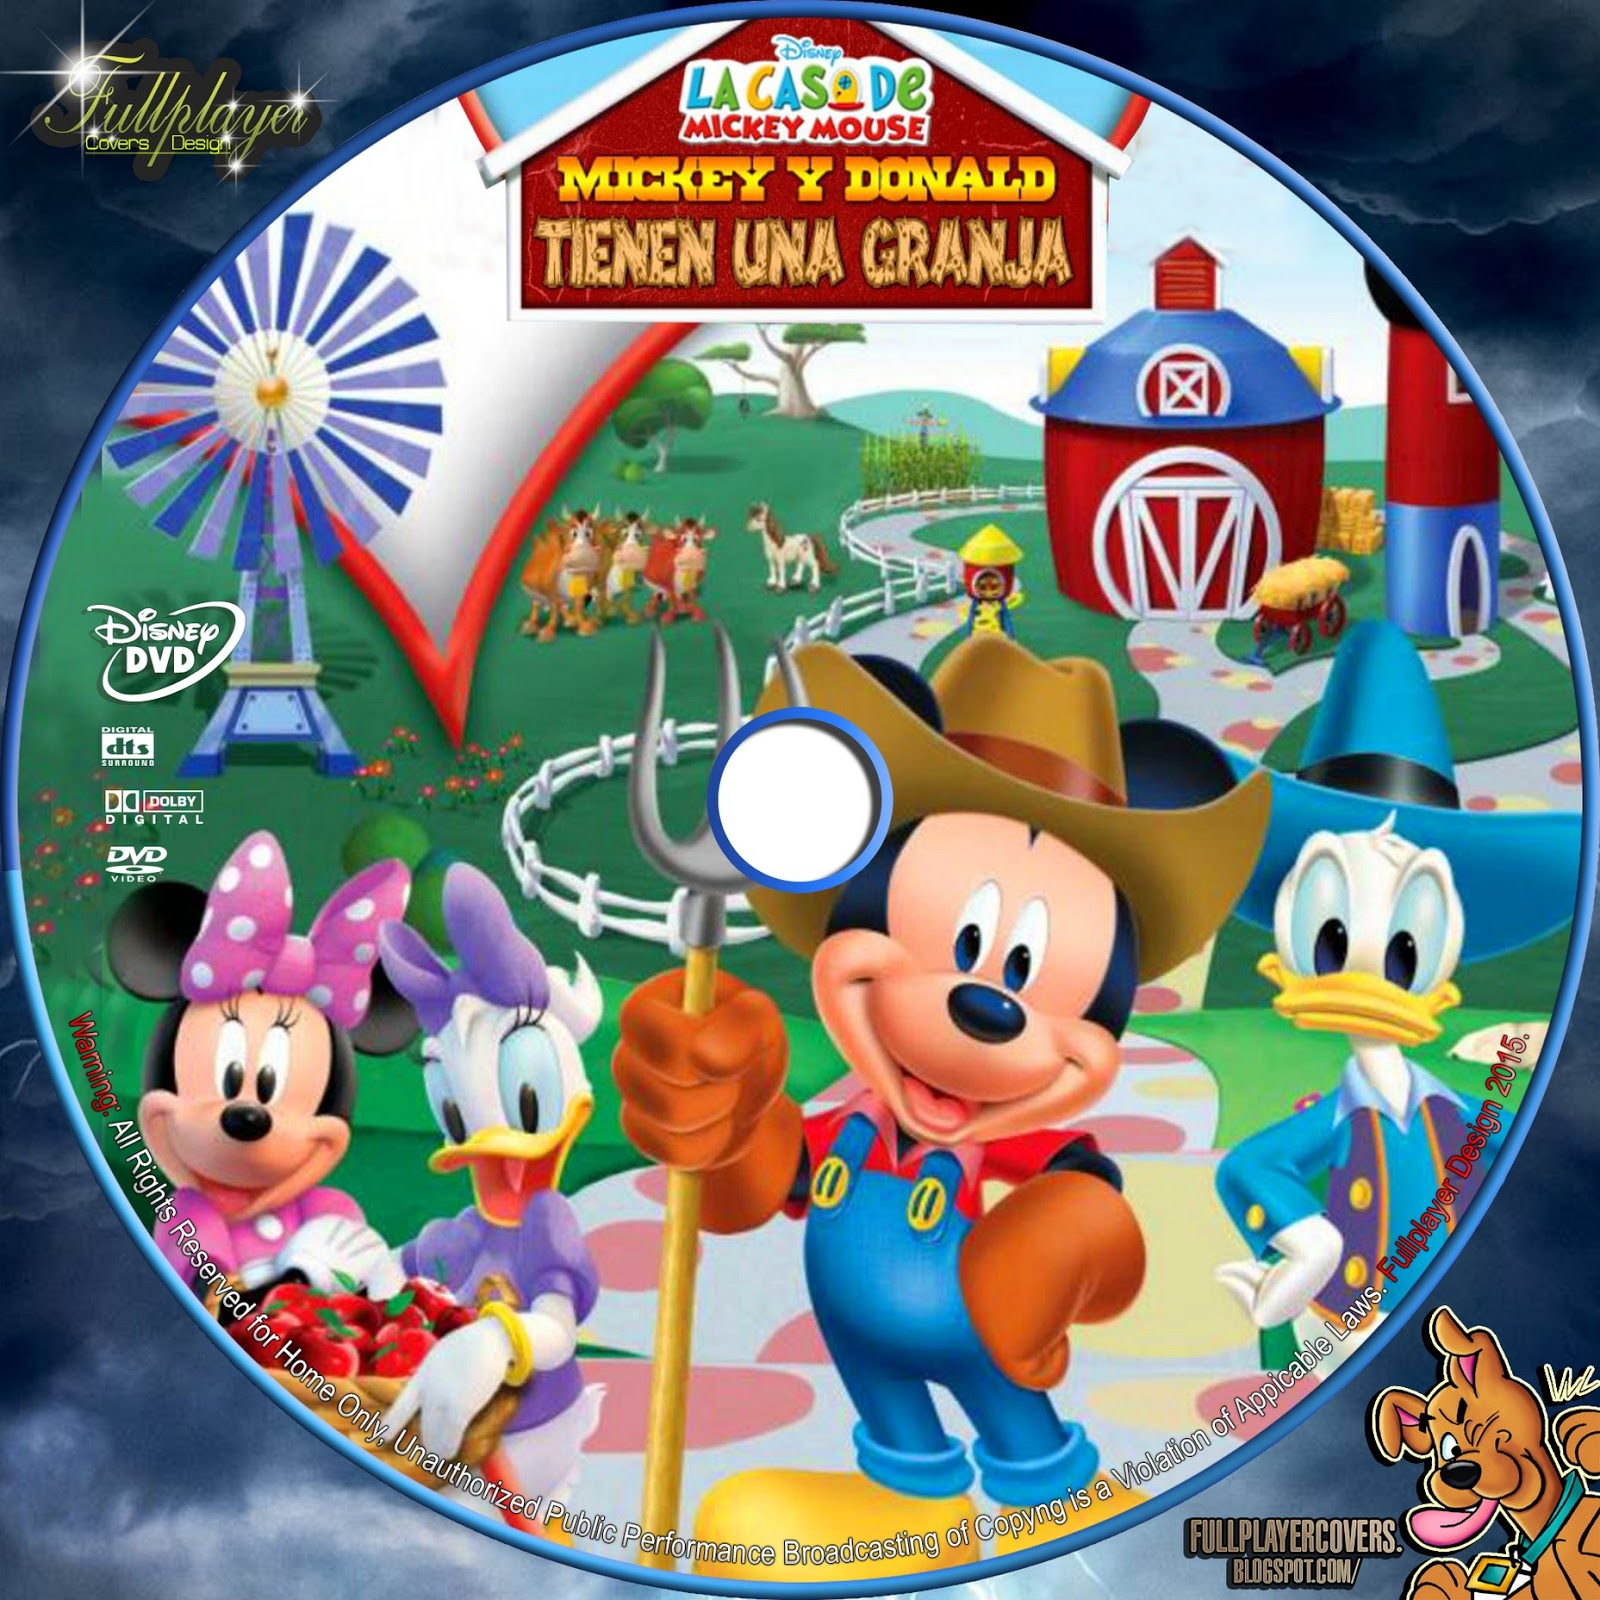 La Casa de Mickey Mouse - Mickey y Donald tienen una Granja | LABEL ...